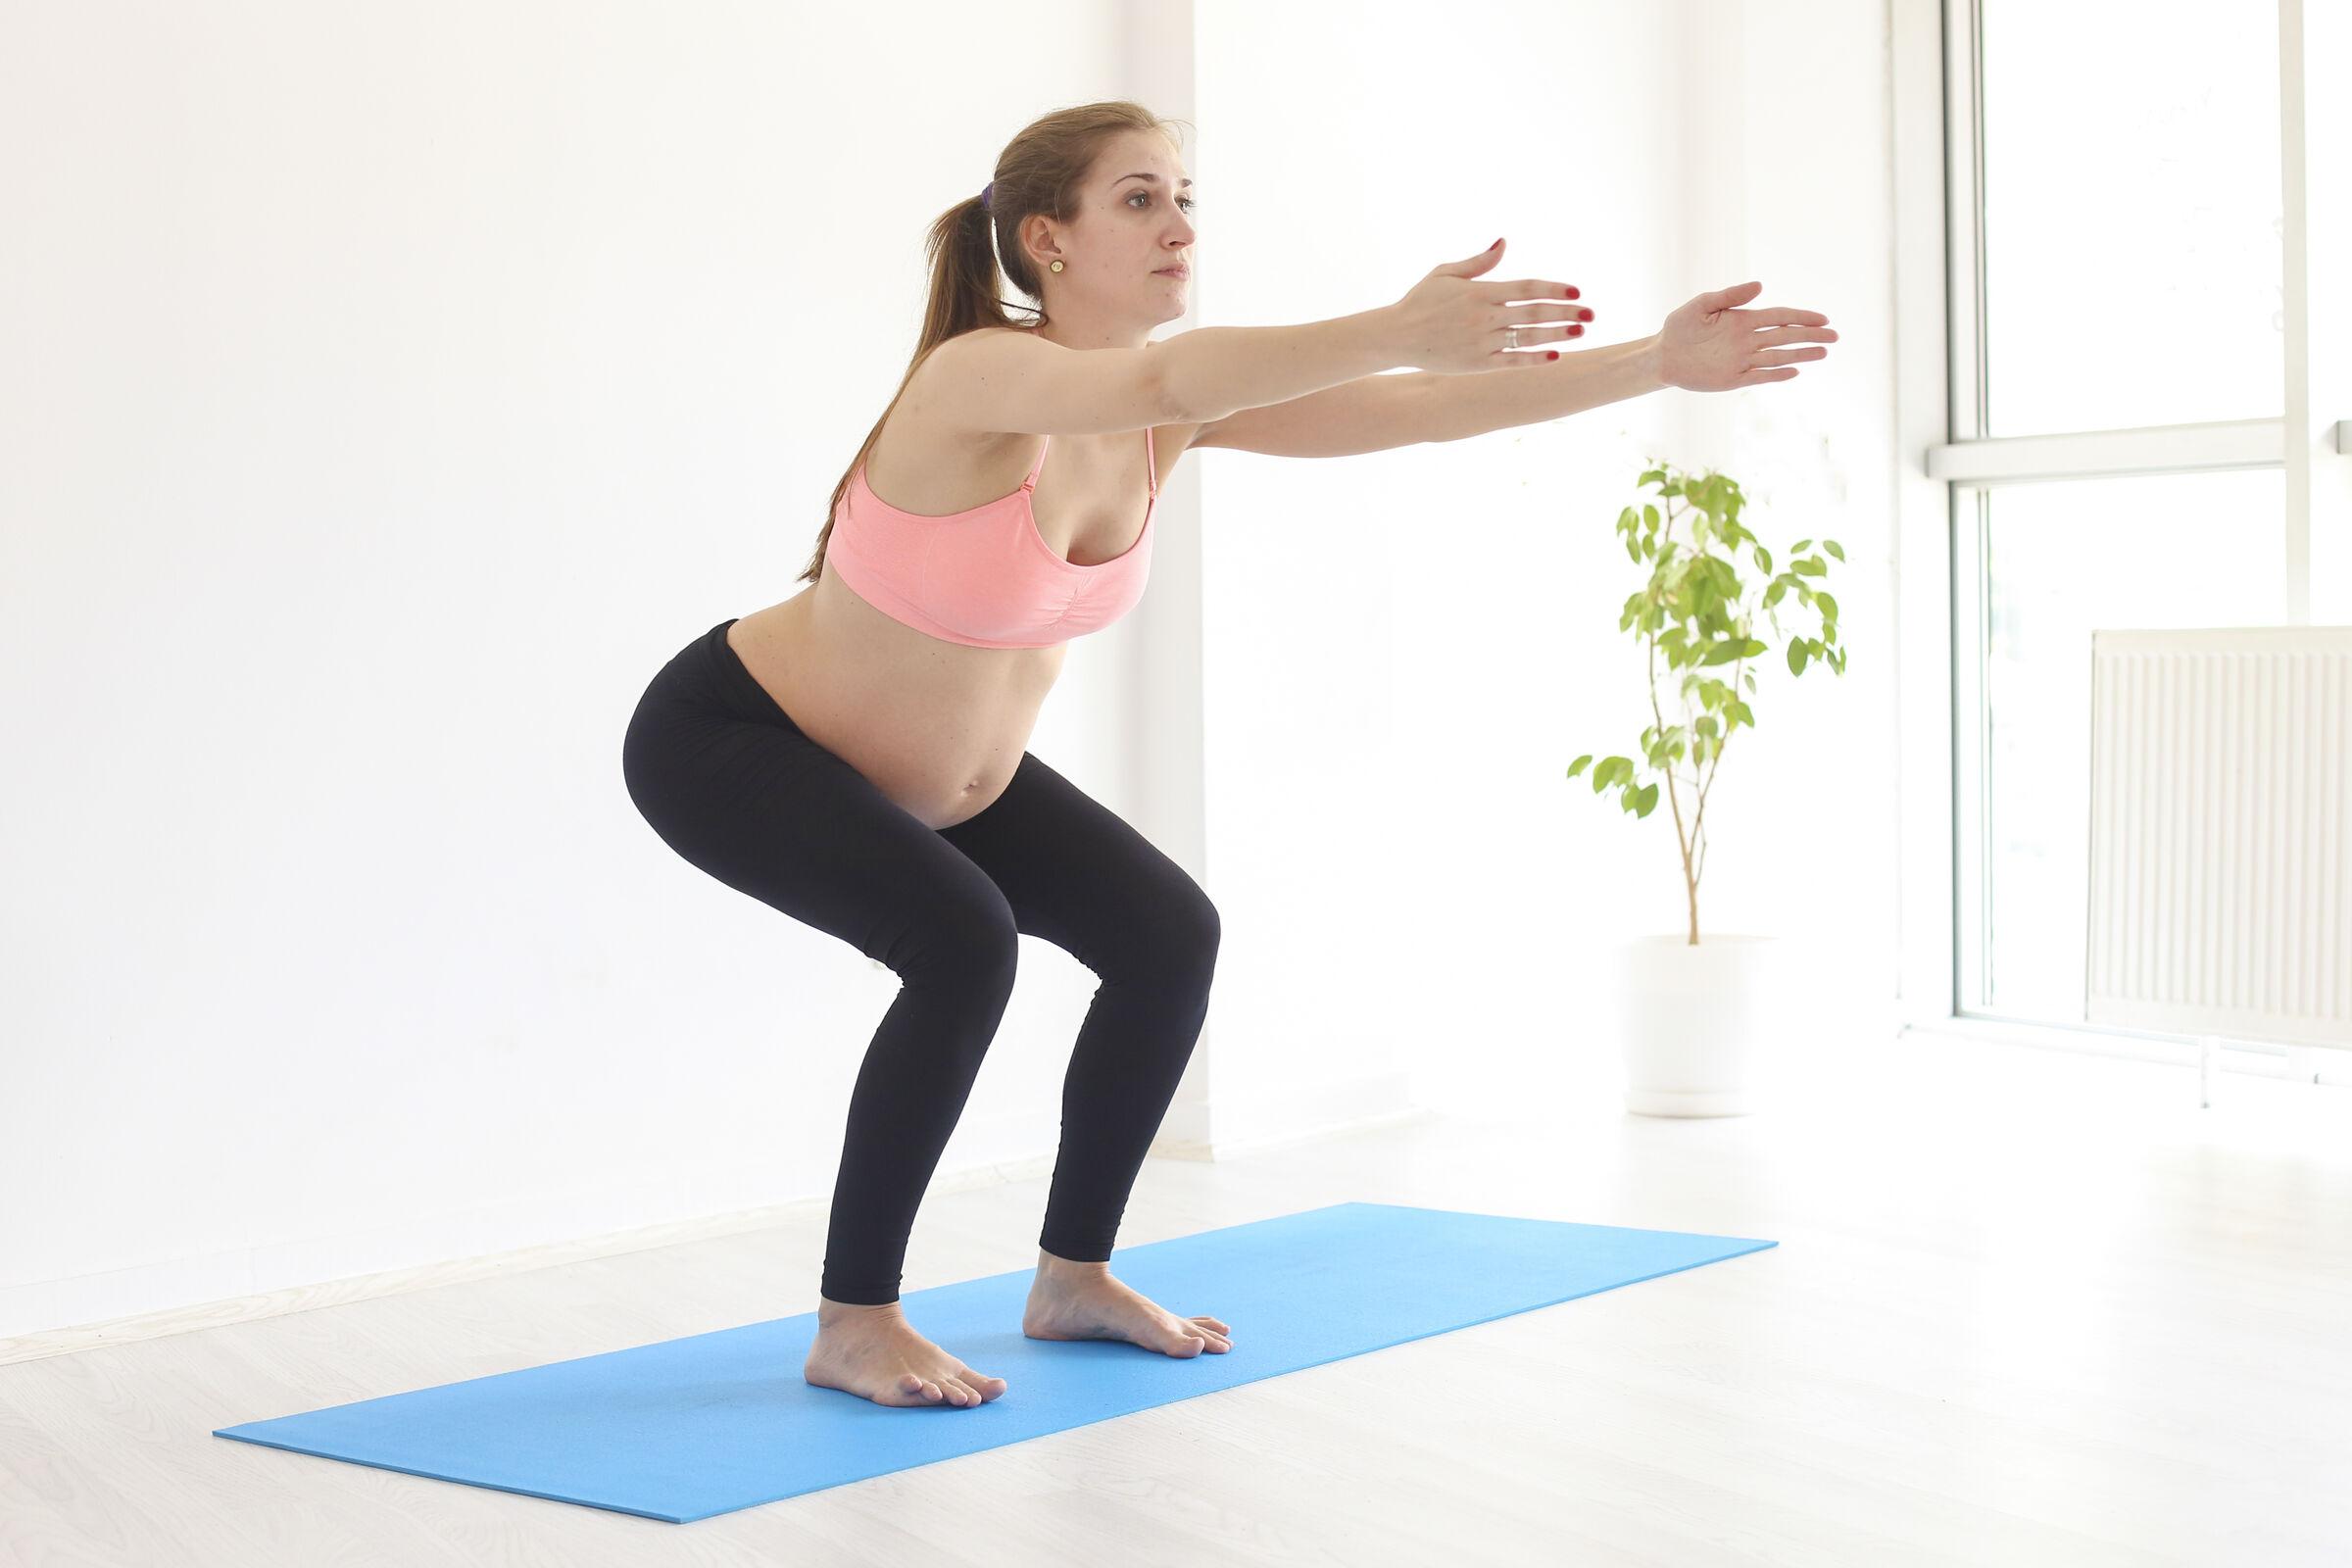 Grávida-fazendo-exercício-de-agachamento